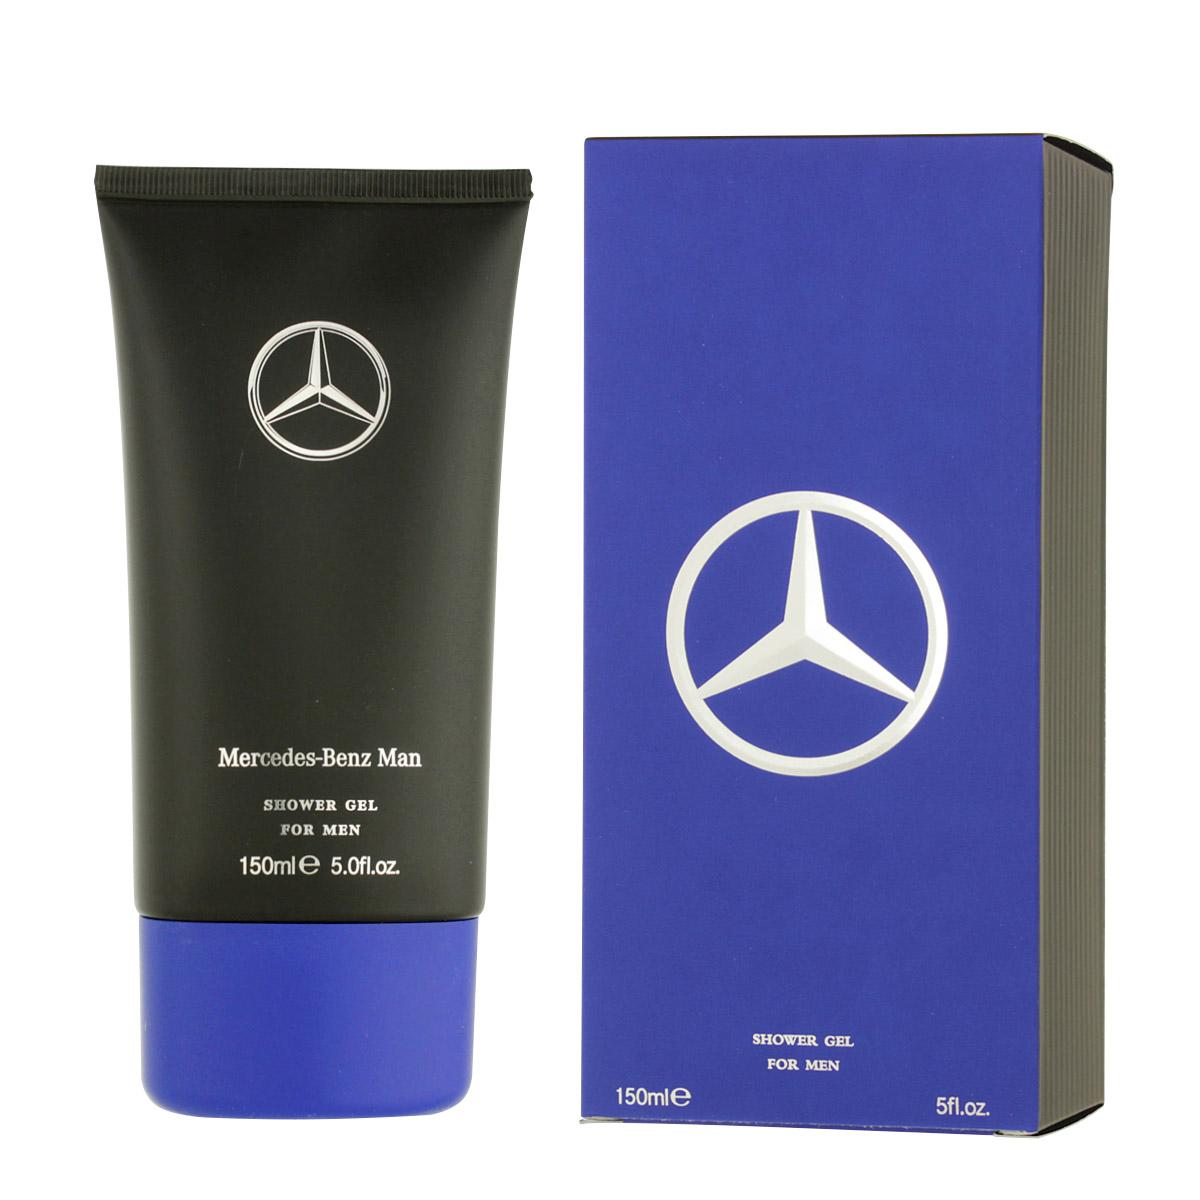 Mercedes-Benz Mercedes-Benz Man Duschgel 150 ml (man) 86323